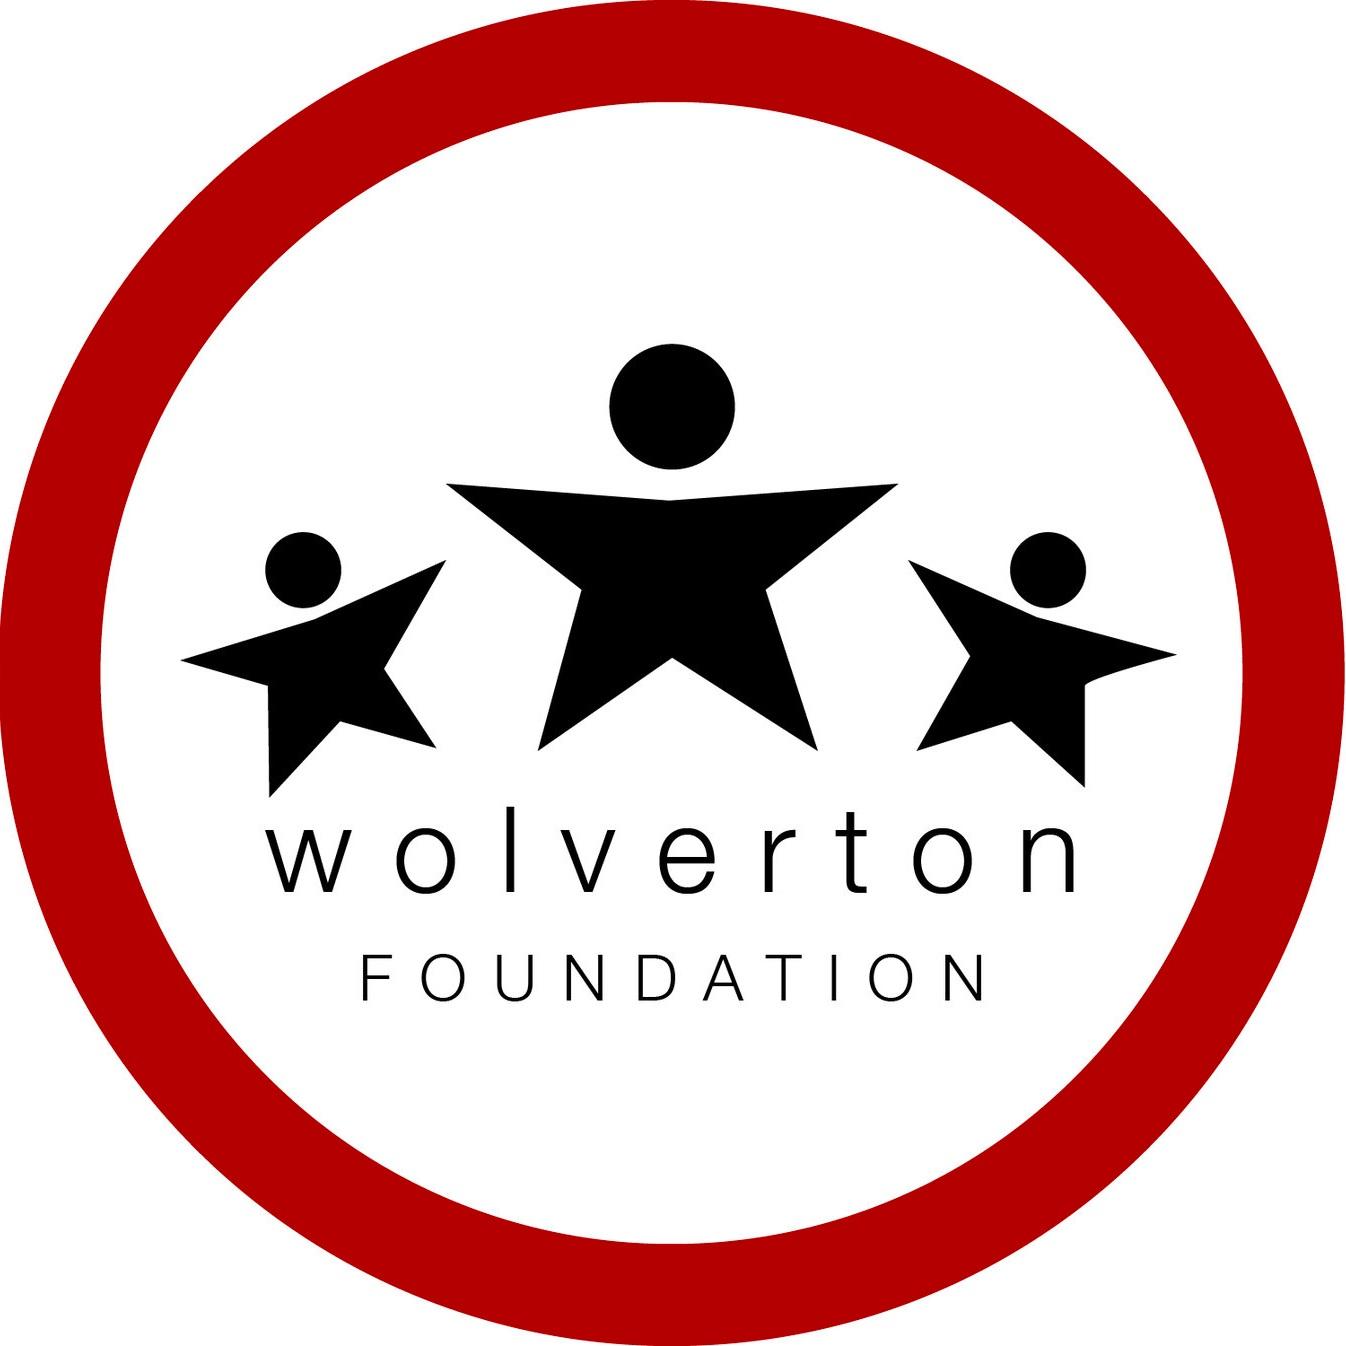 Wolverton_Icons.jpg